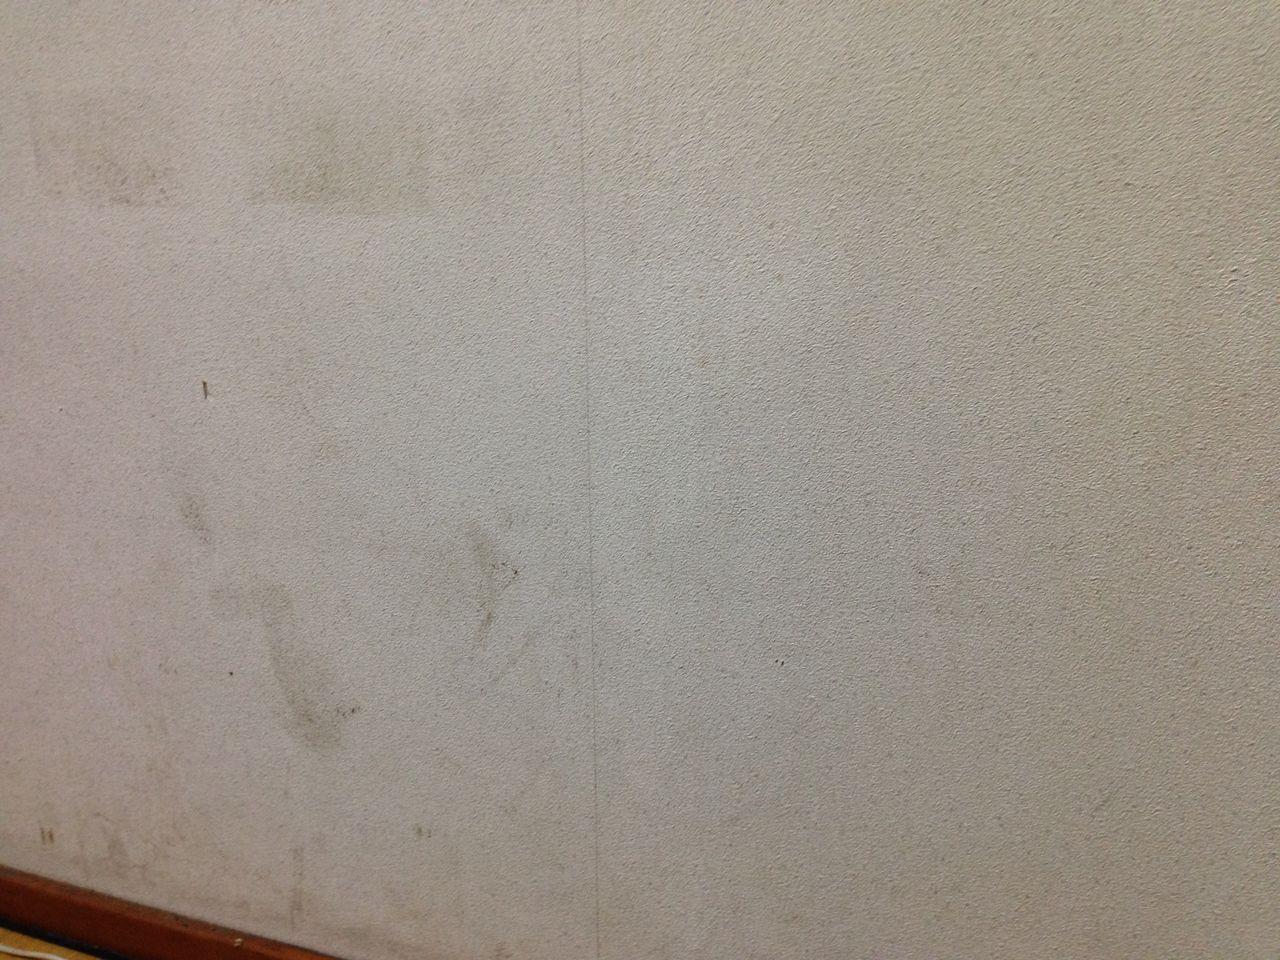 壁紙を磨いてみたよ 汚部屋の匠